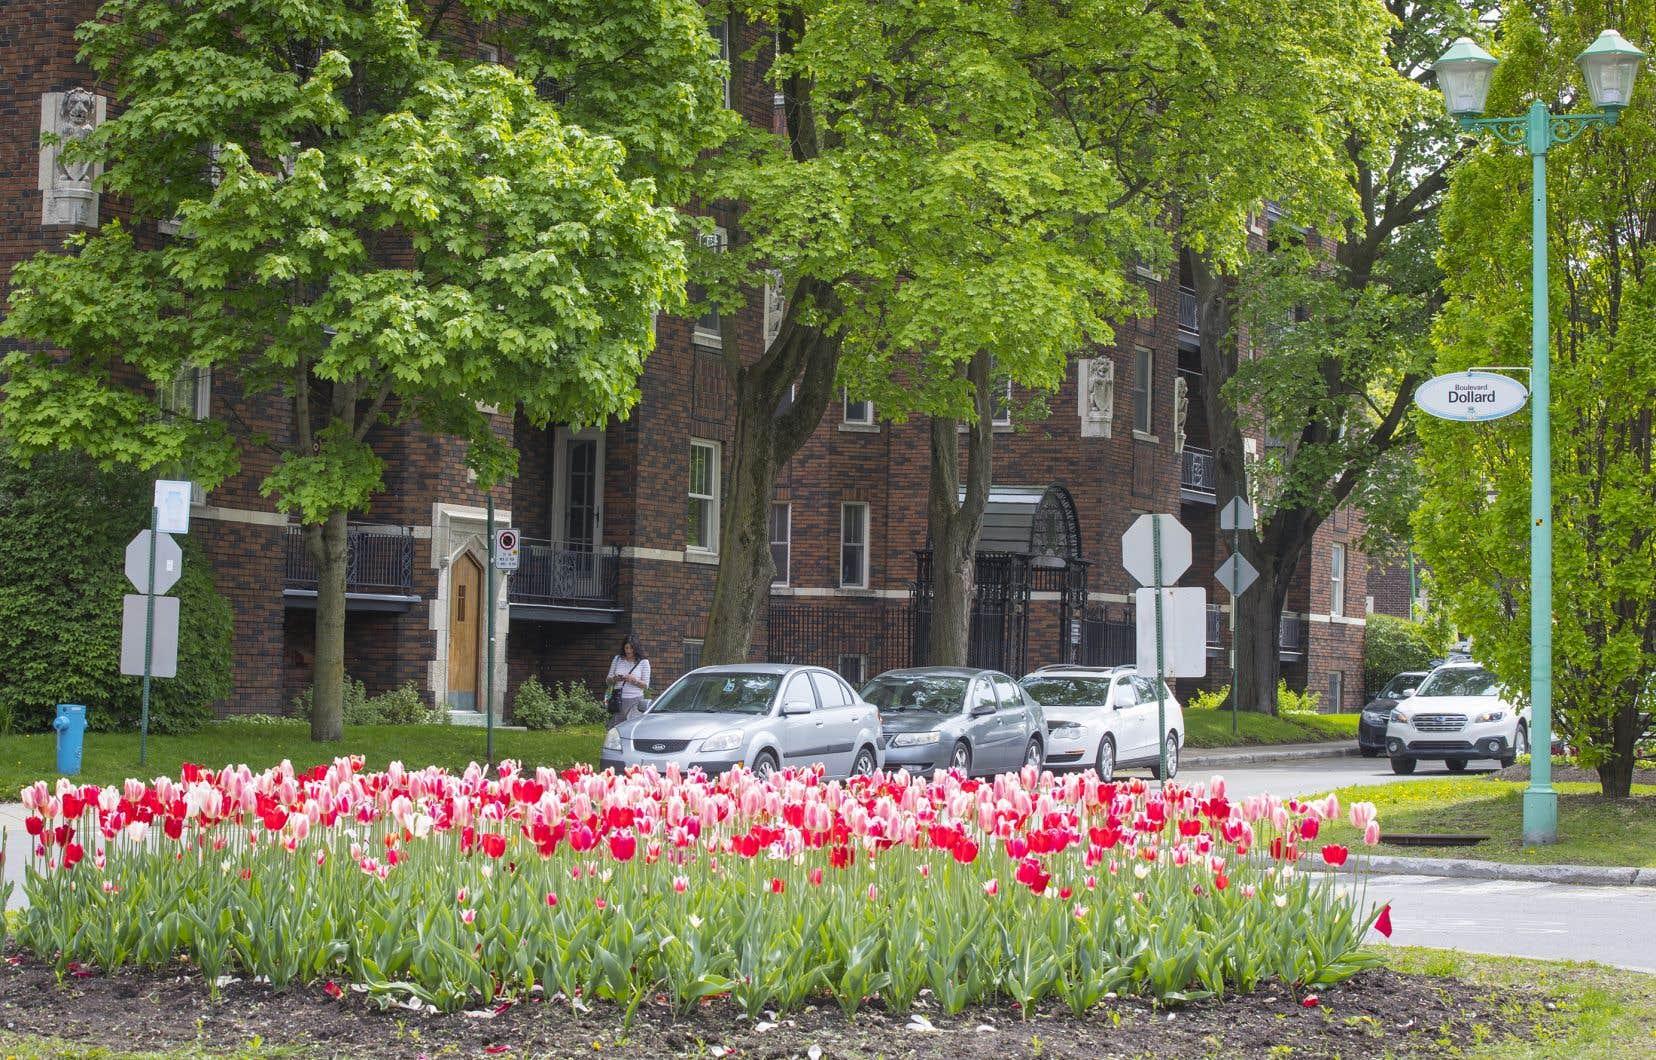 Le coût de la vignette annuelle pour les résidents variera de 100 $ à 140 $. Le stationnement demeurera gratuit pour les deux premières heures.